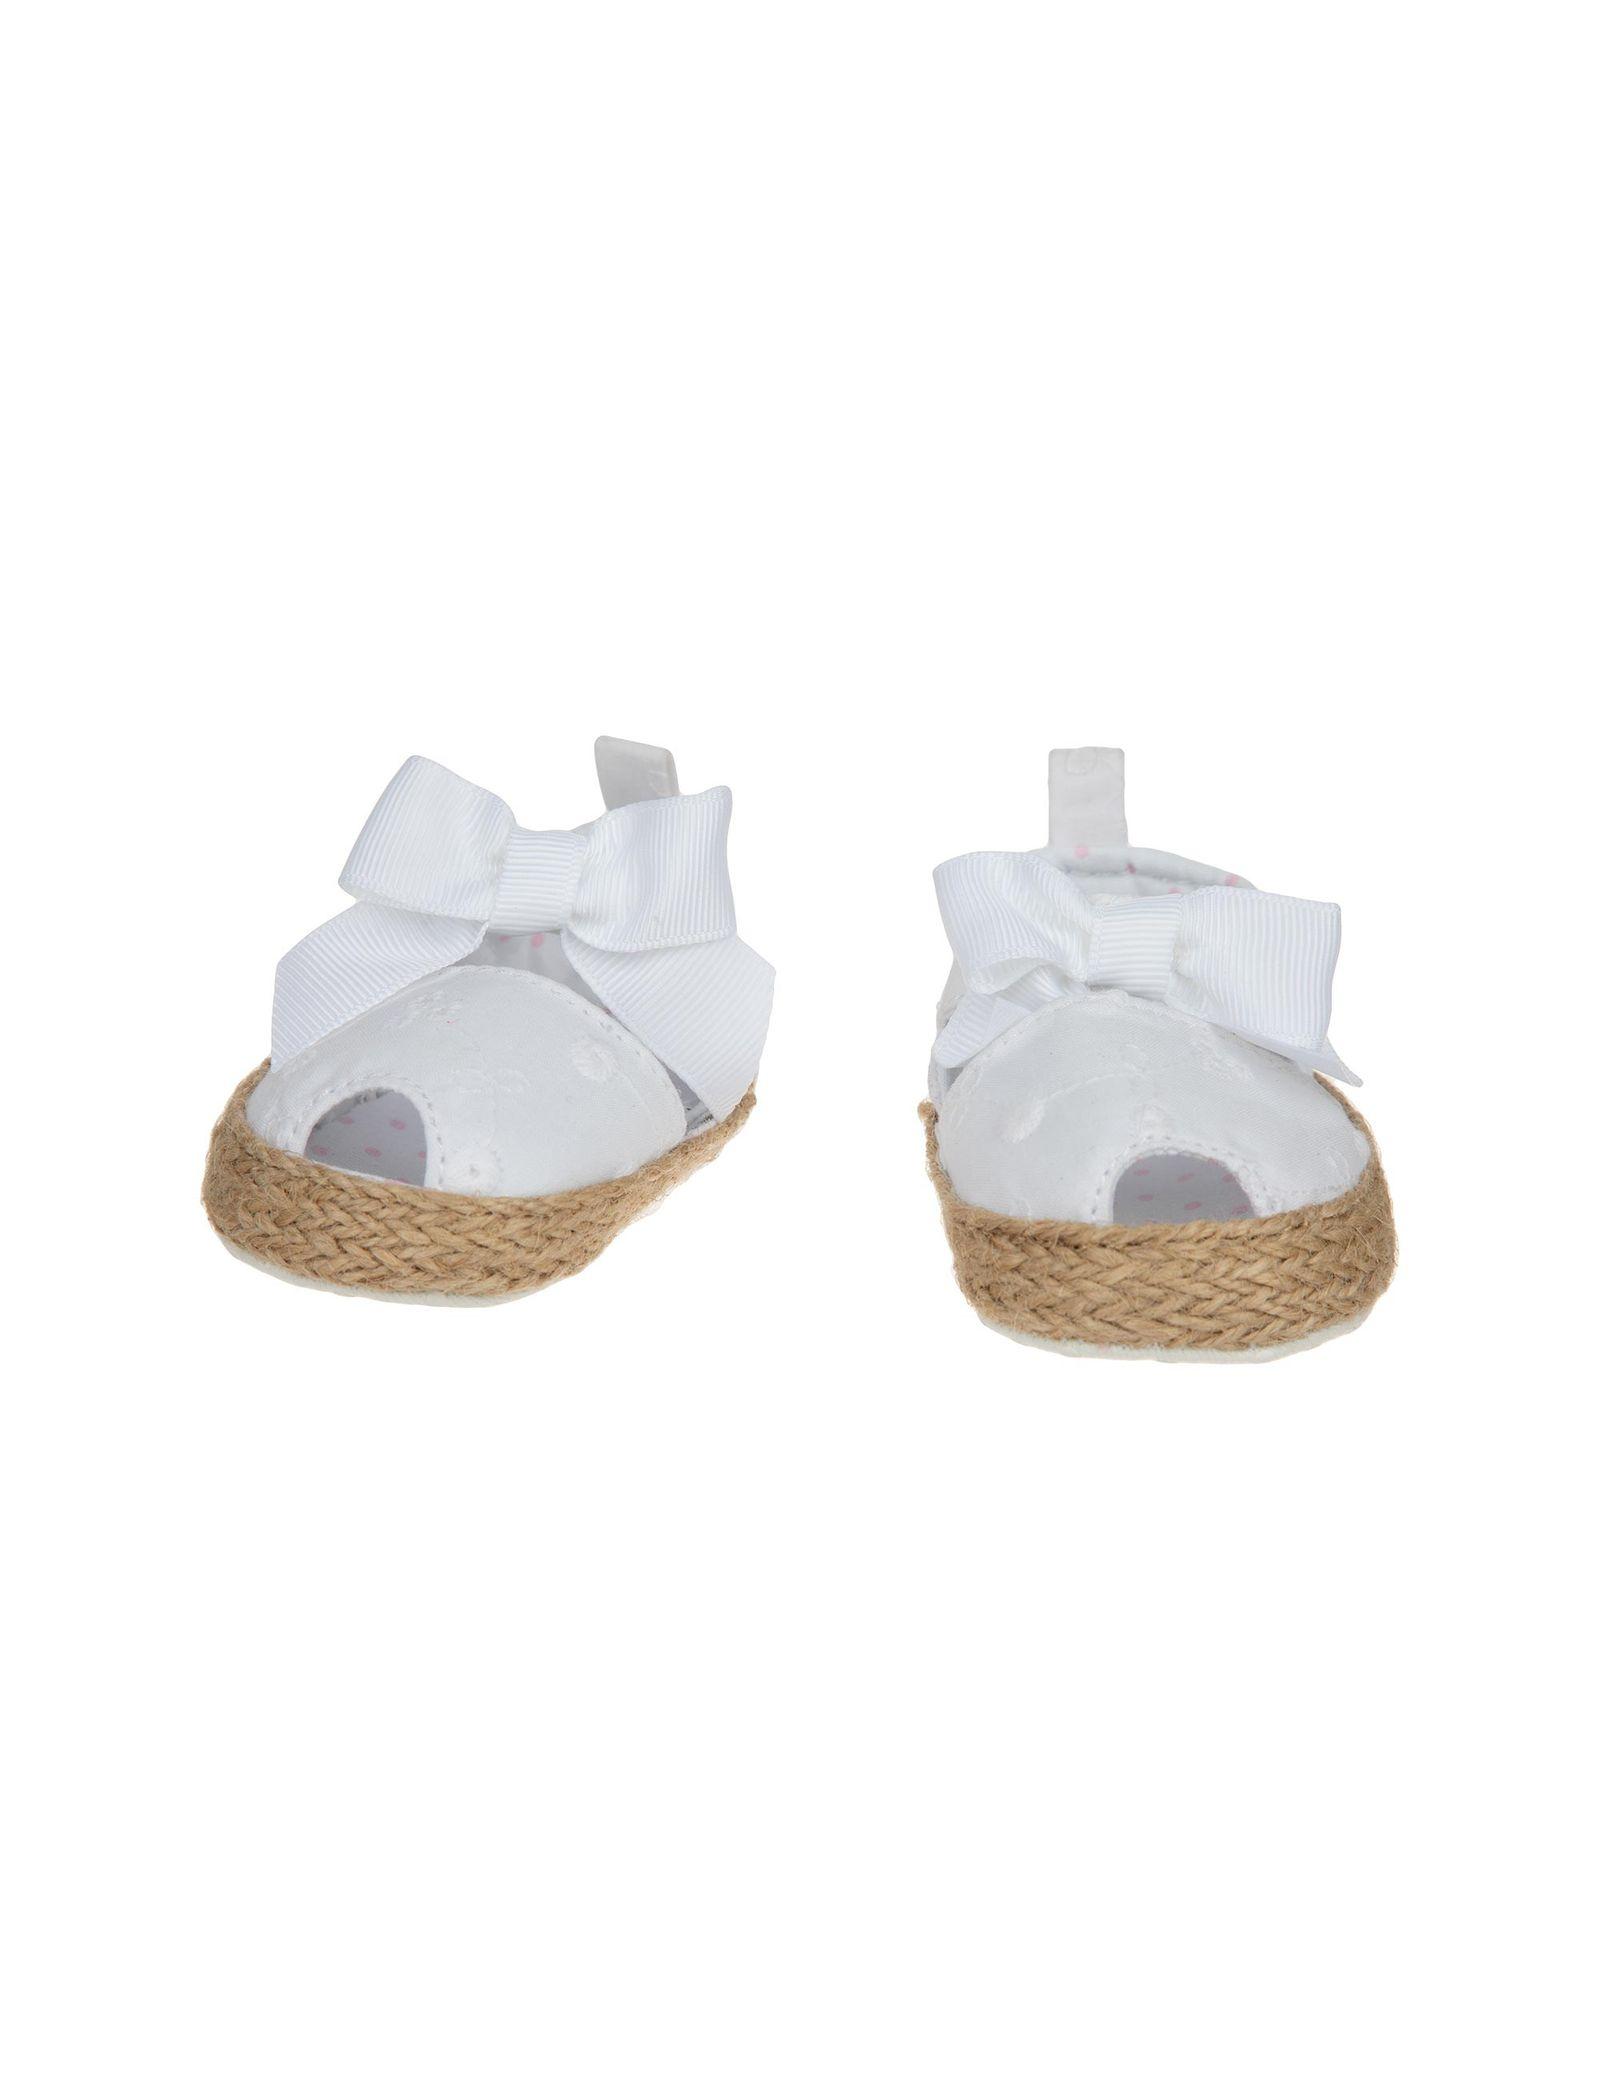 کفش پارچه ای نوزادی - بلوکیدز - نيلي - 4